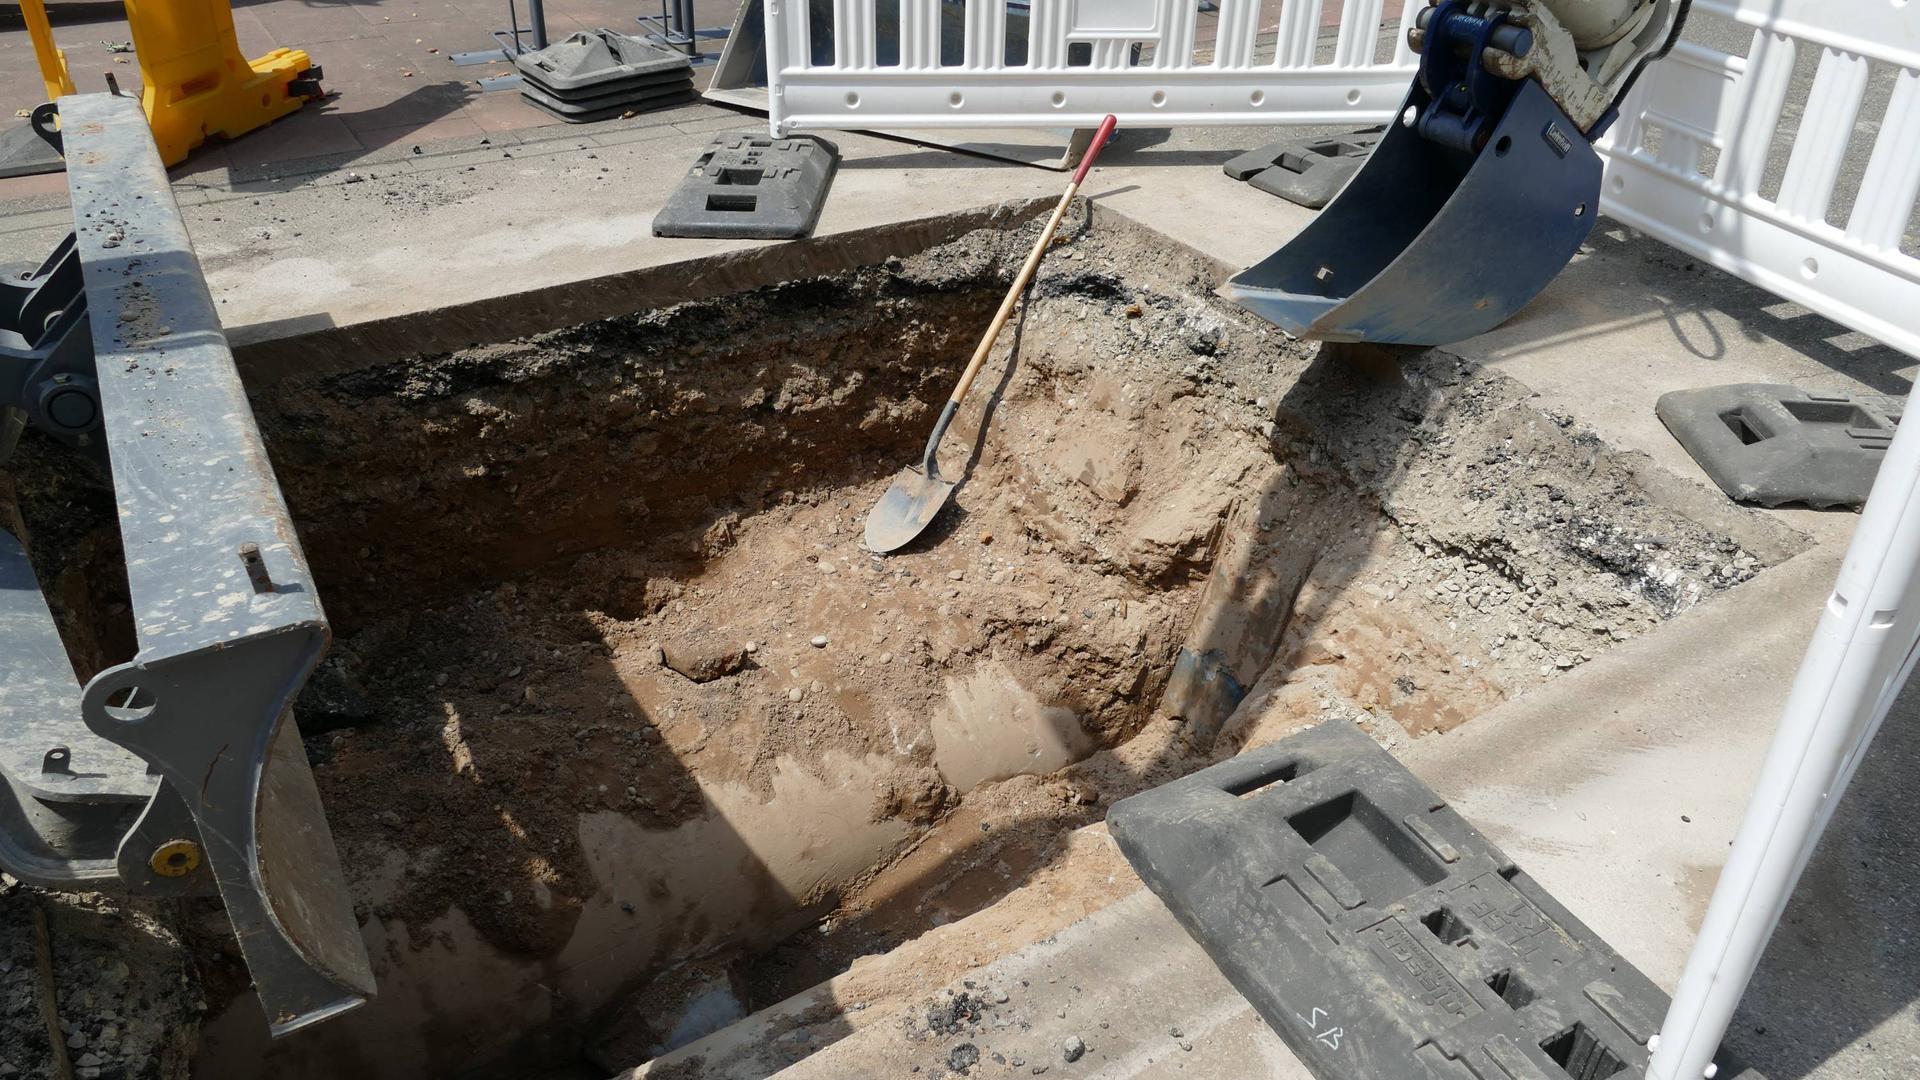 Ein tiefes Loch legt derzeit den Verkehr auf der Kaiserstraße lahm. Nach Angaben der Stadtverwaltung sollen Ratten ein Betonrohr zerfressen und so für den Schaden gesorgt haben.